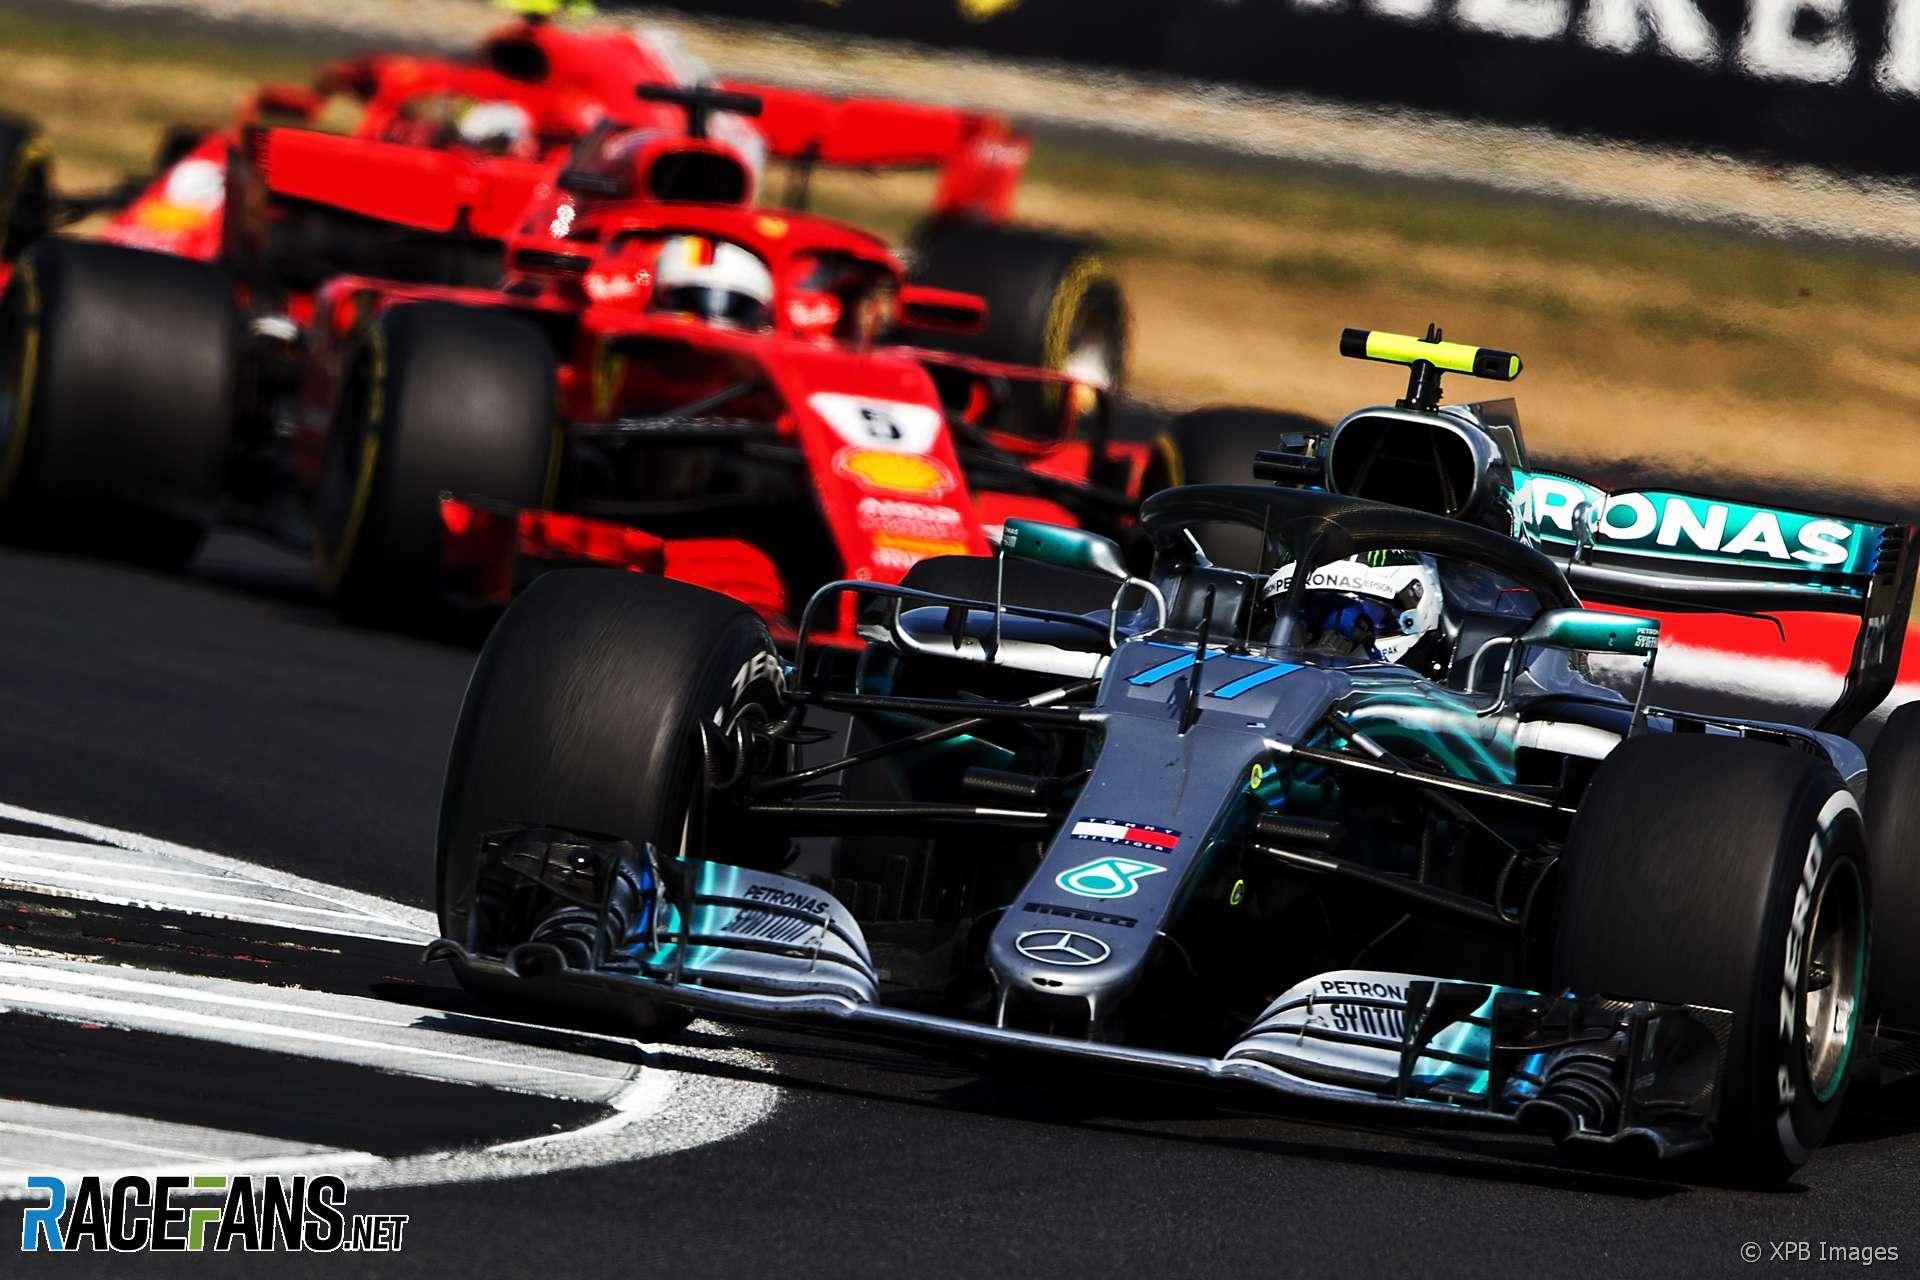 Valtteri Bottas, Mercedes, Silverstone, 2018